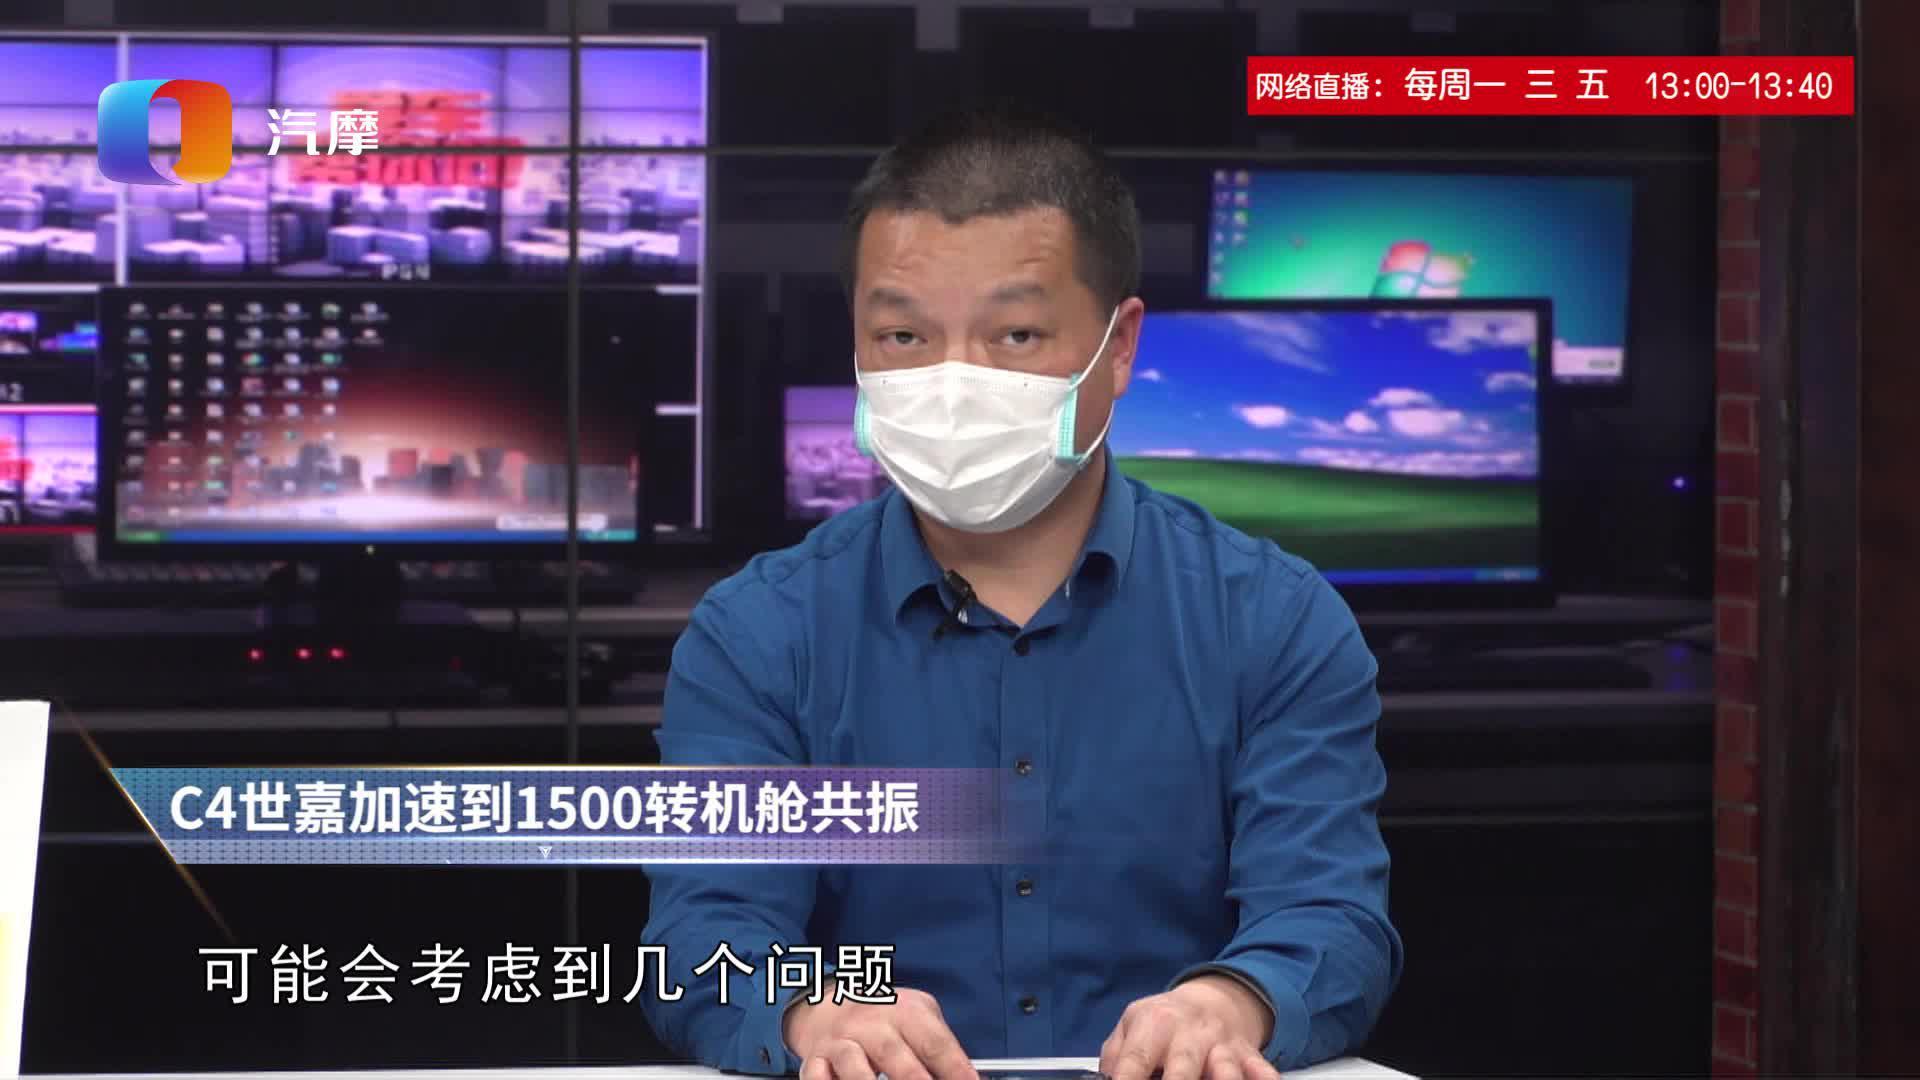 视频:C4世嘉加速到1500转机舱共振是怎么回事?